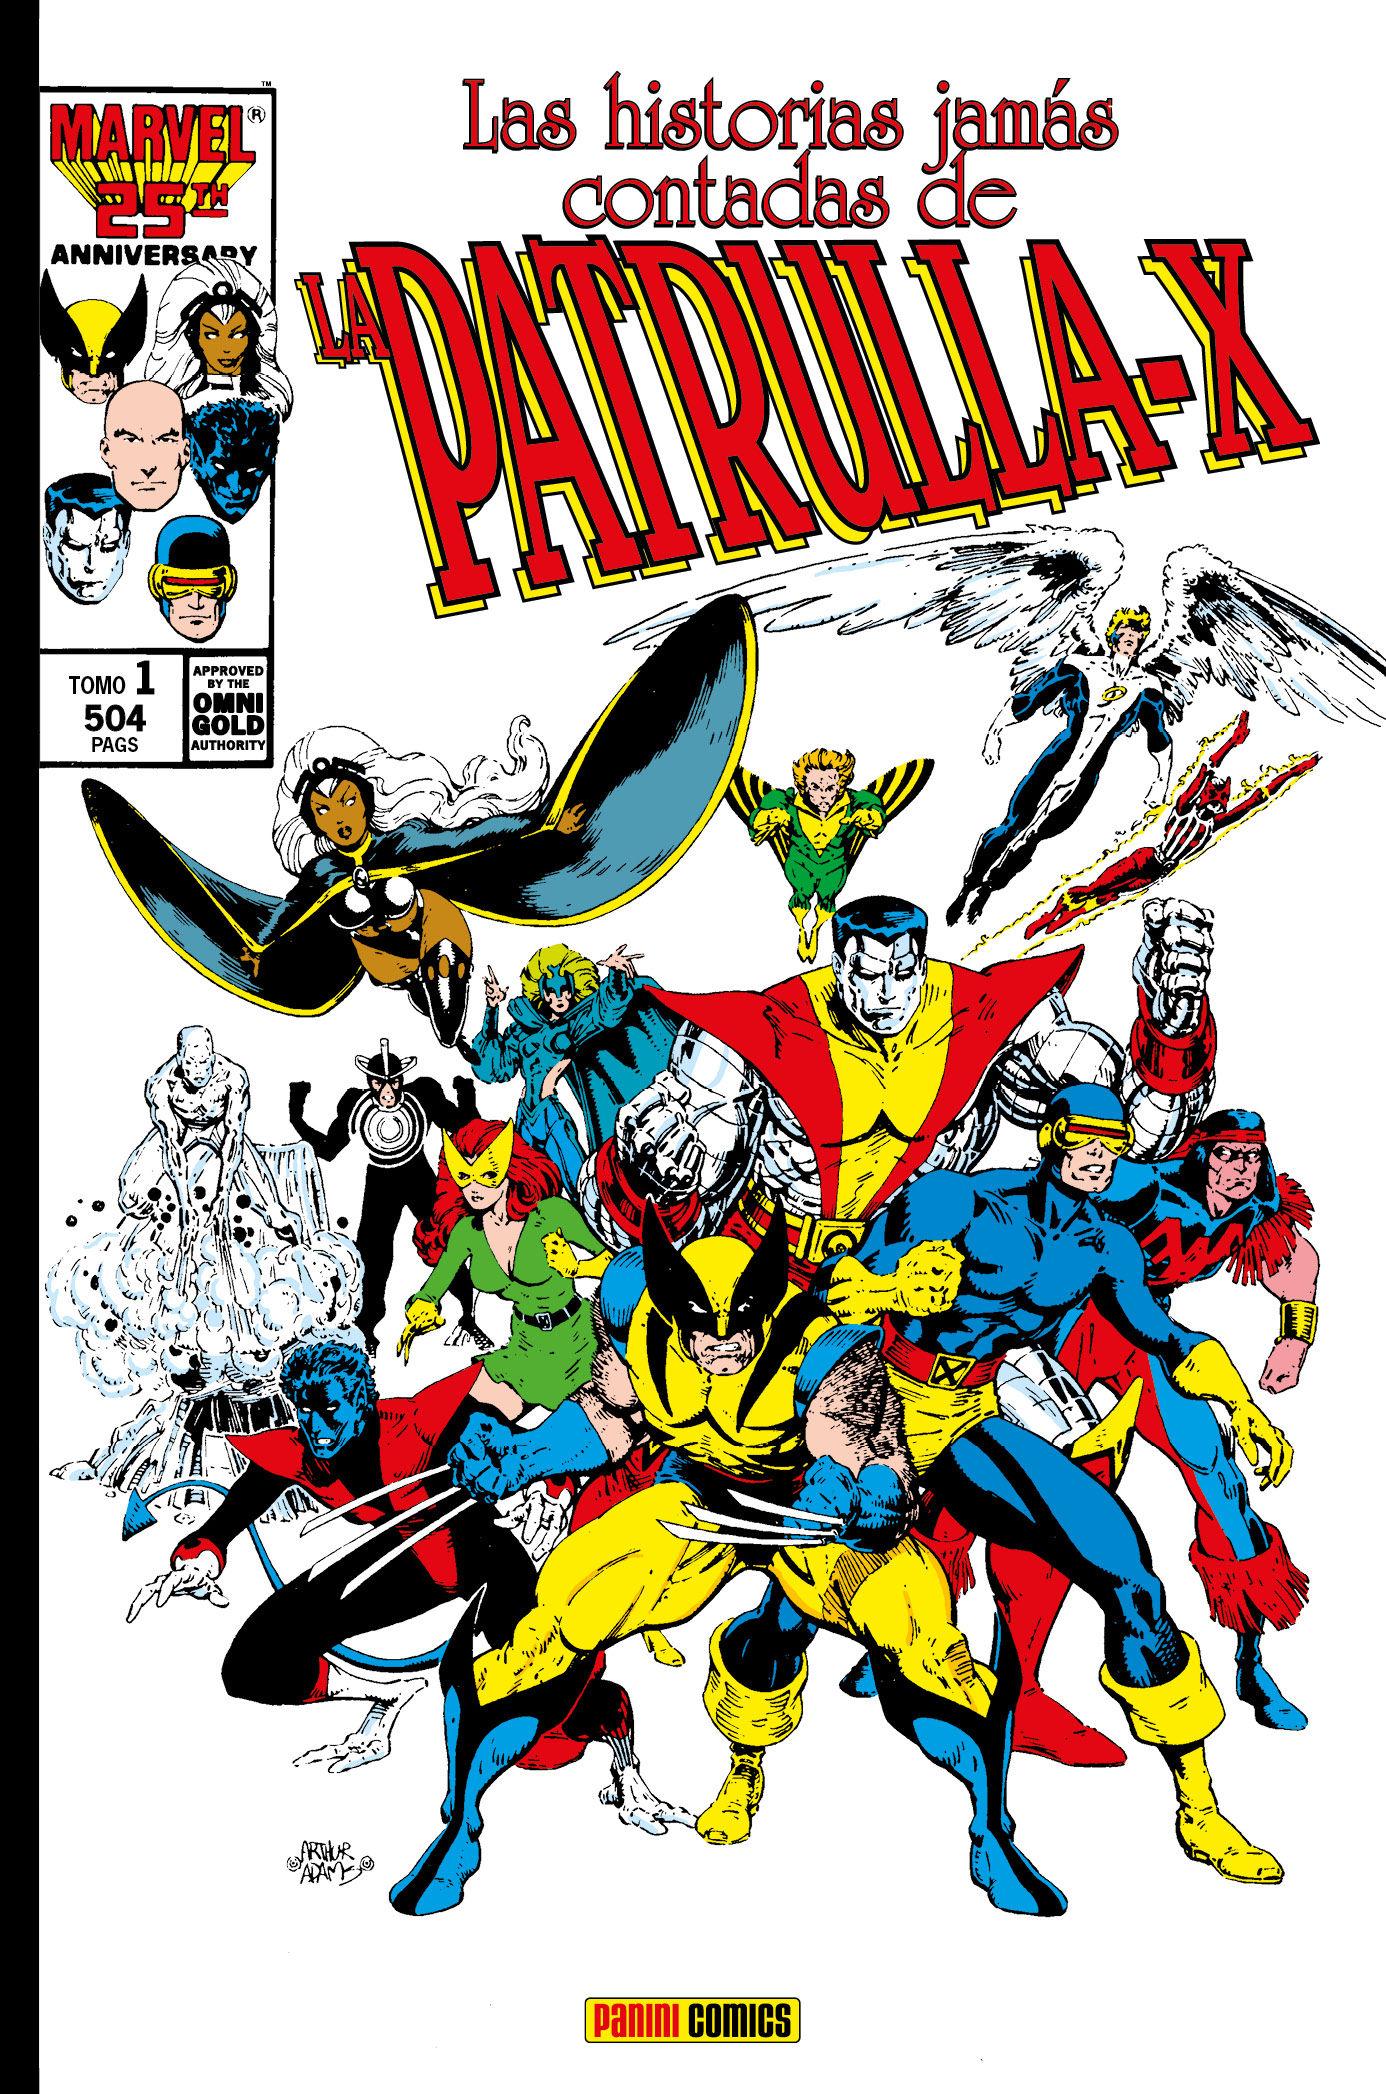 HISTORIAS JAMAS CONTADAS DE LA PATRULLA-X 01